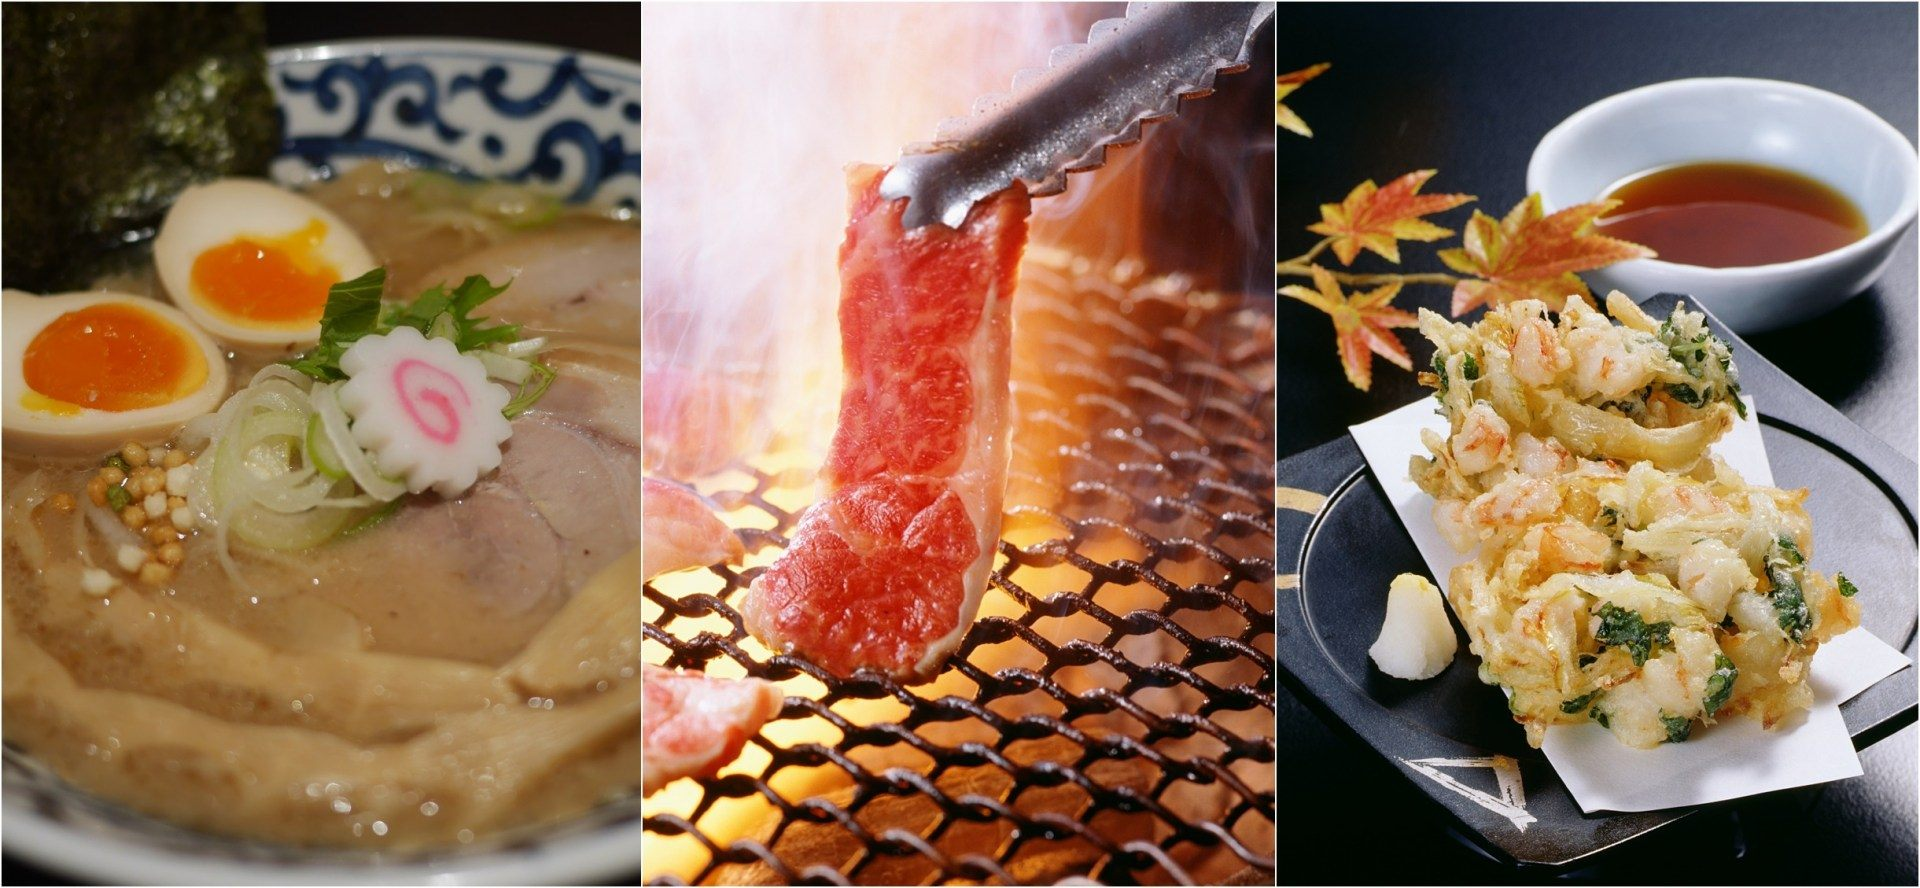 日本人氣的拉麵、烤肉和天婦羅